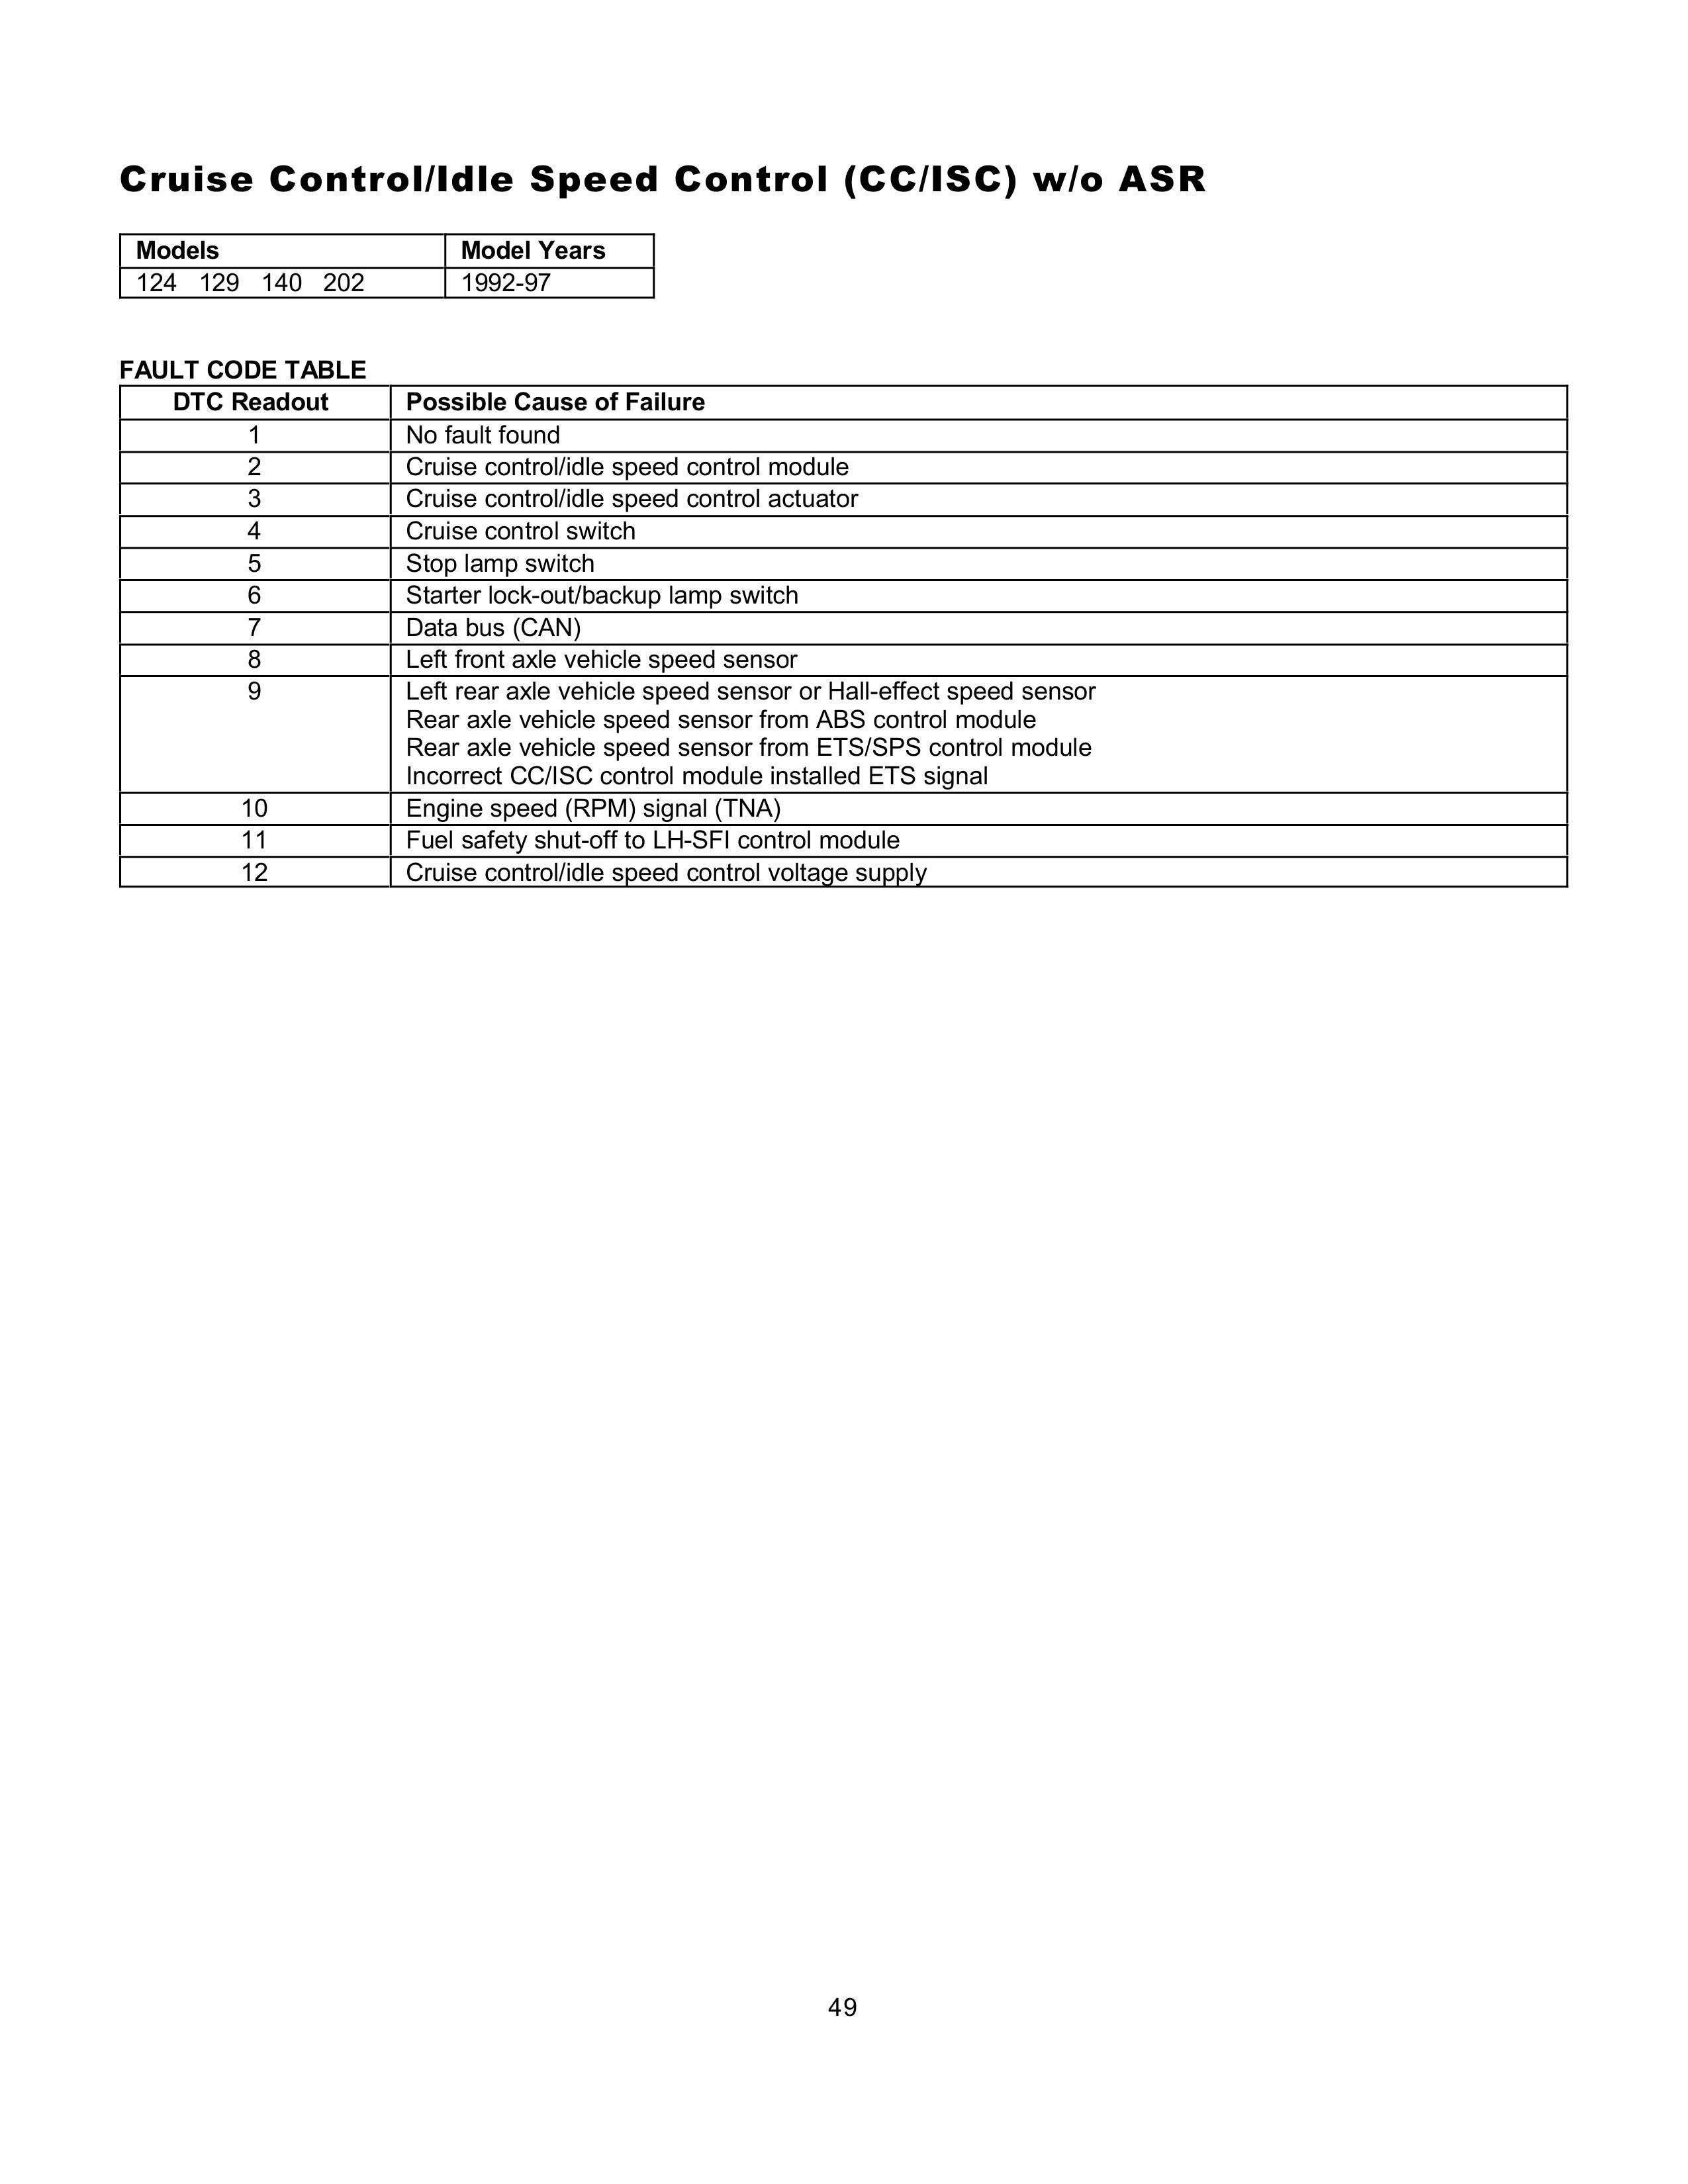 (AJUDA GERAL): Manual de códigos das falhas - analógico e digital - 1988 a 2000 004912